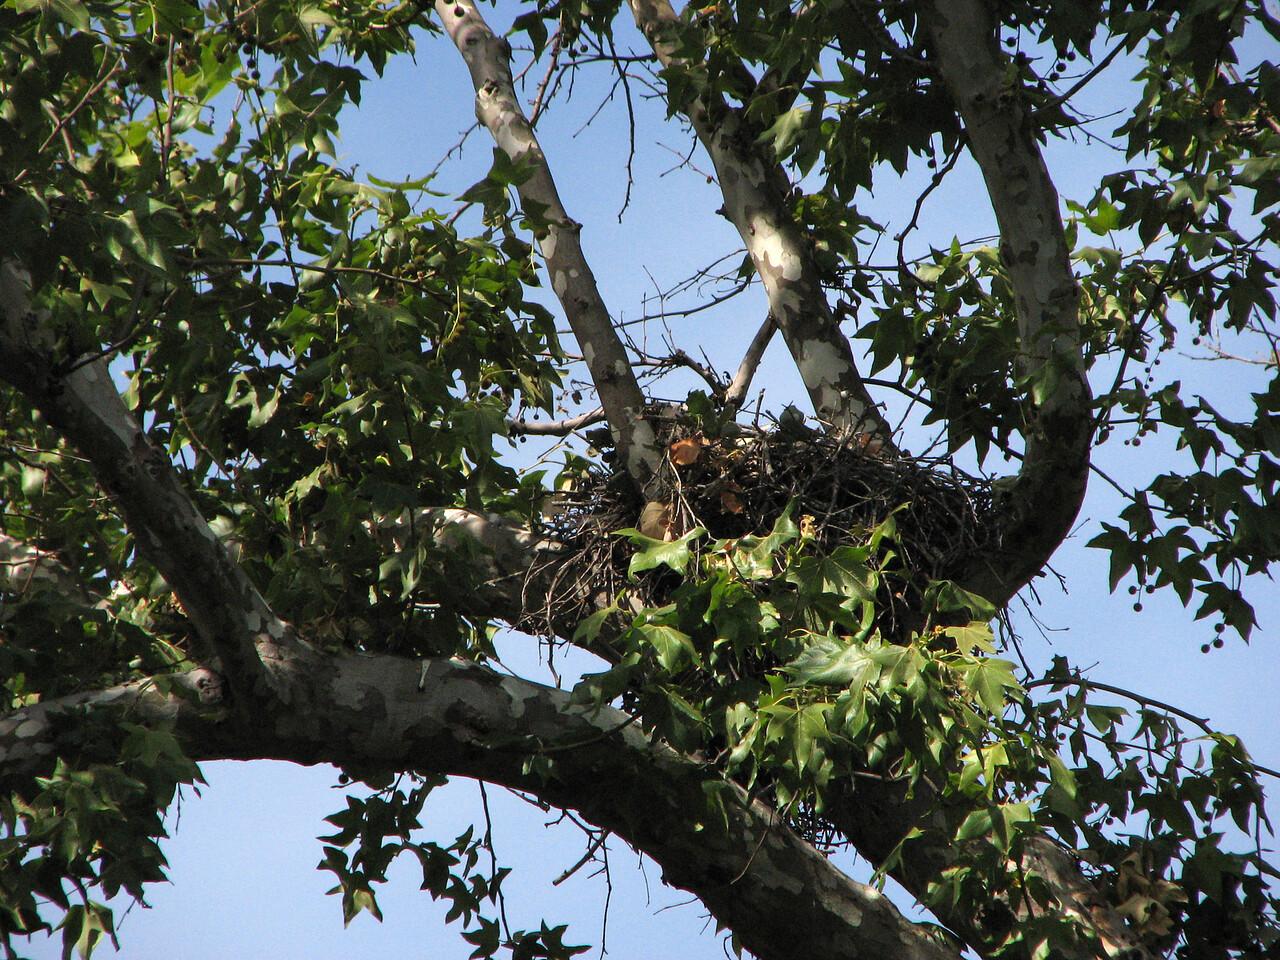 695 Red-shouldered Hawk nest